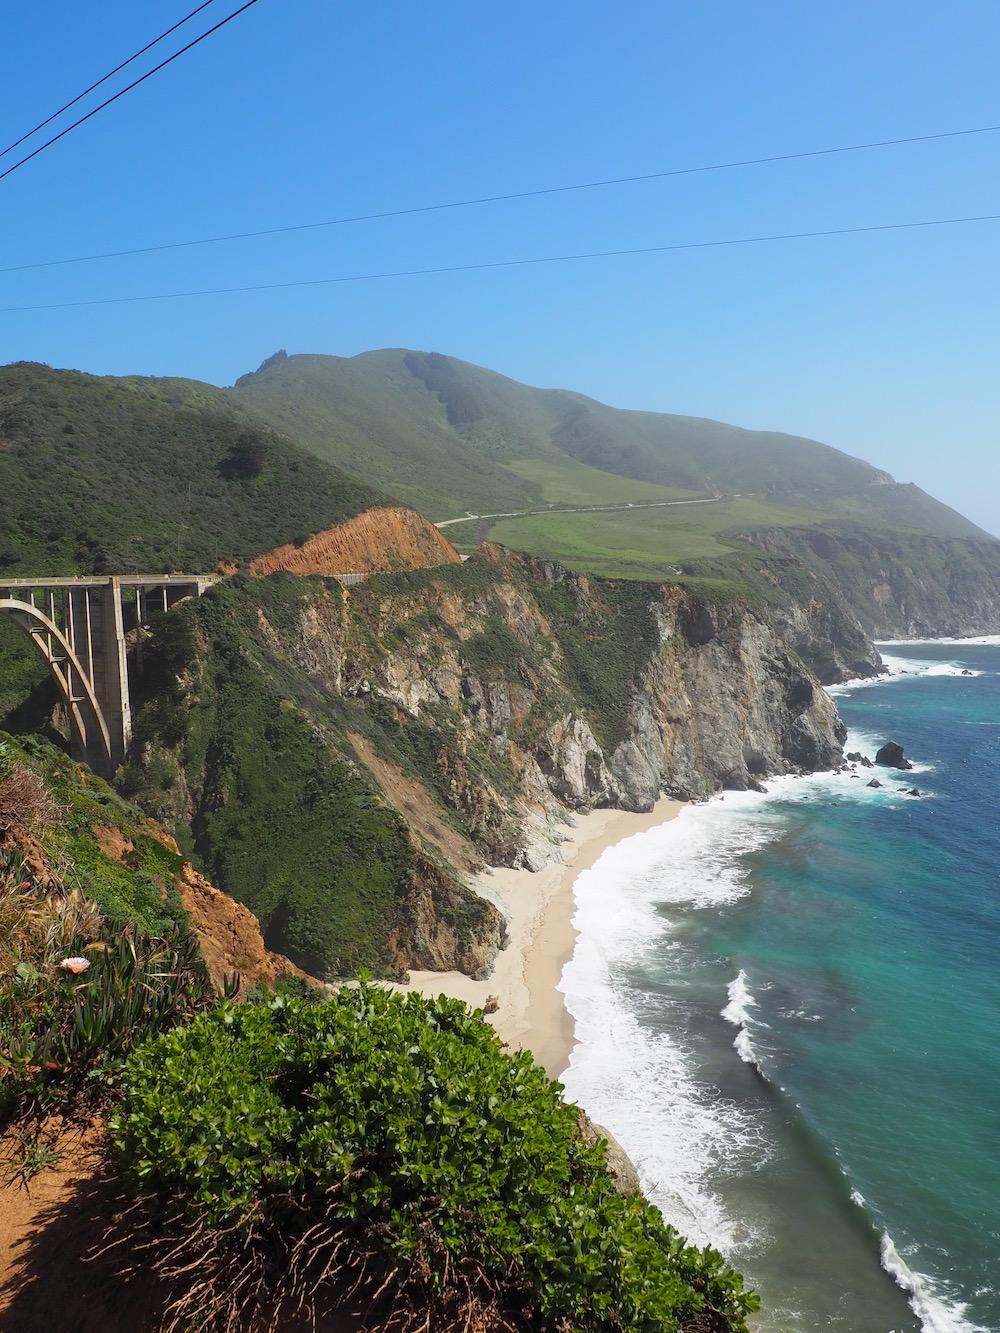 Bixby Creek Bridge à Big Sur sur la Highway 1 en Californie